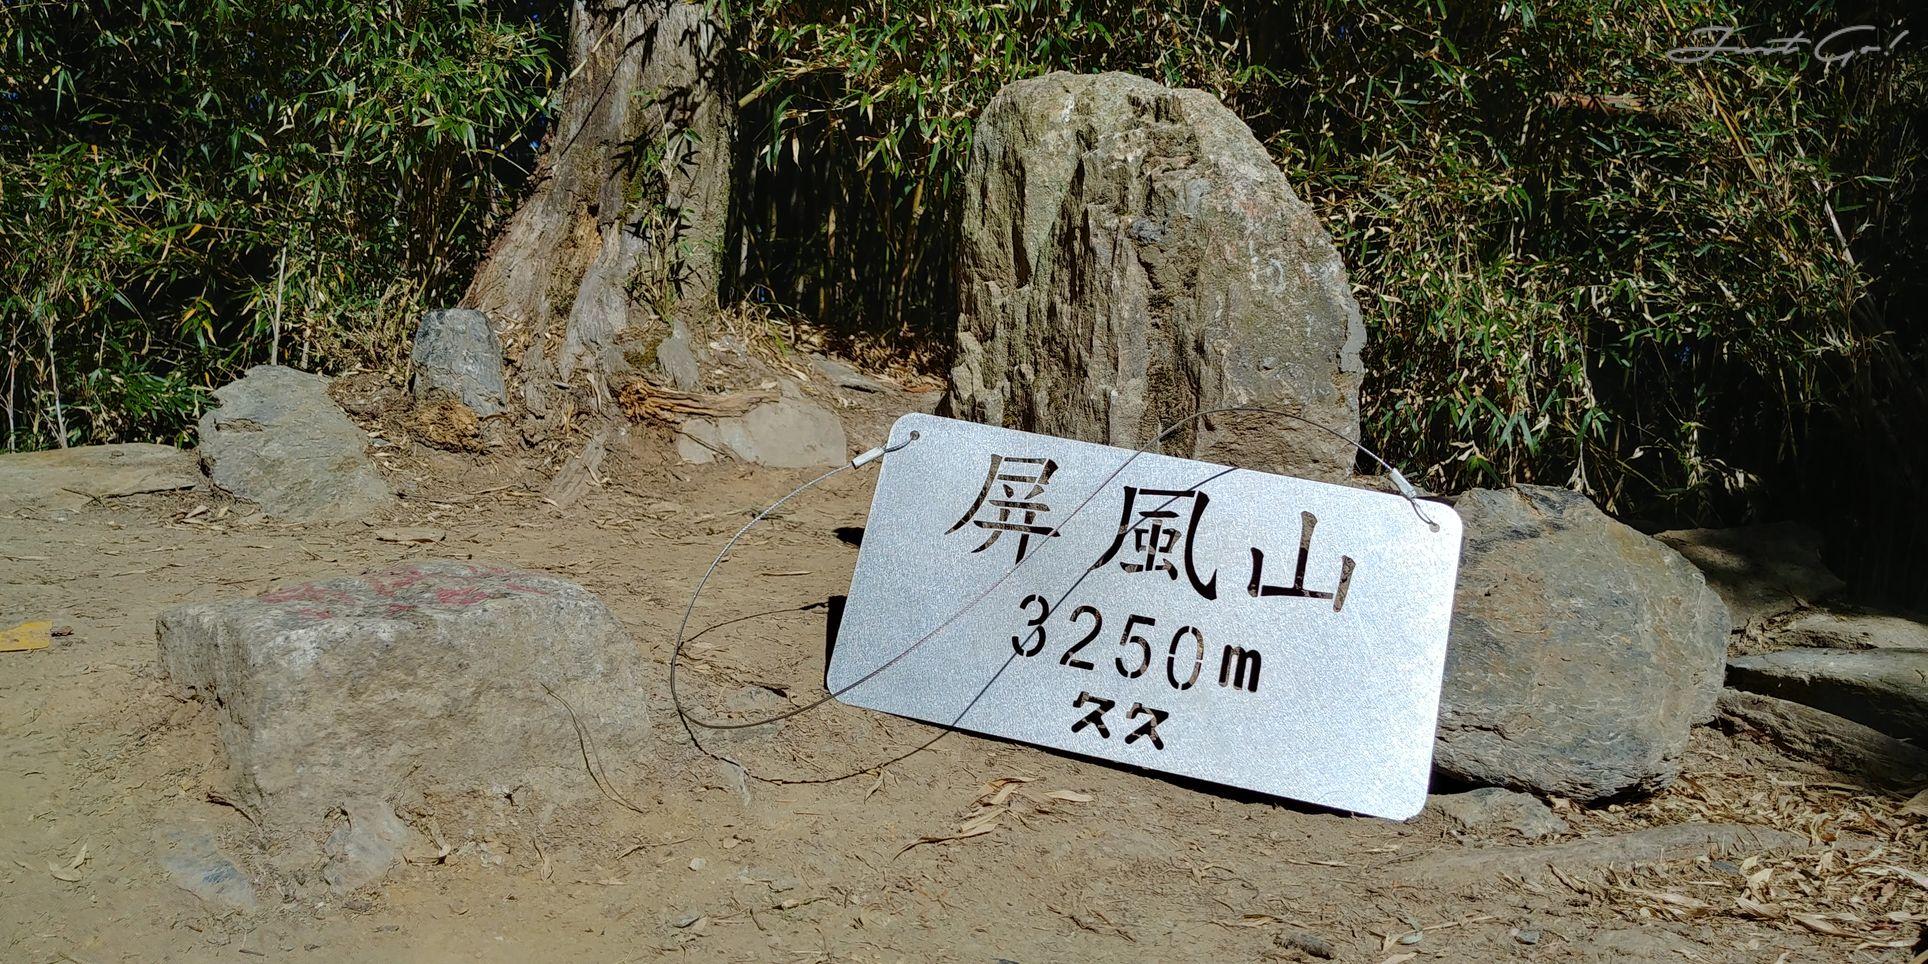 一日百岳·10小時單攻屏風山-新路線地圖gpx、行程規劃、申請、登山口1